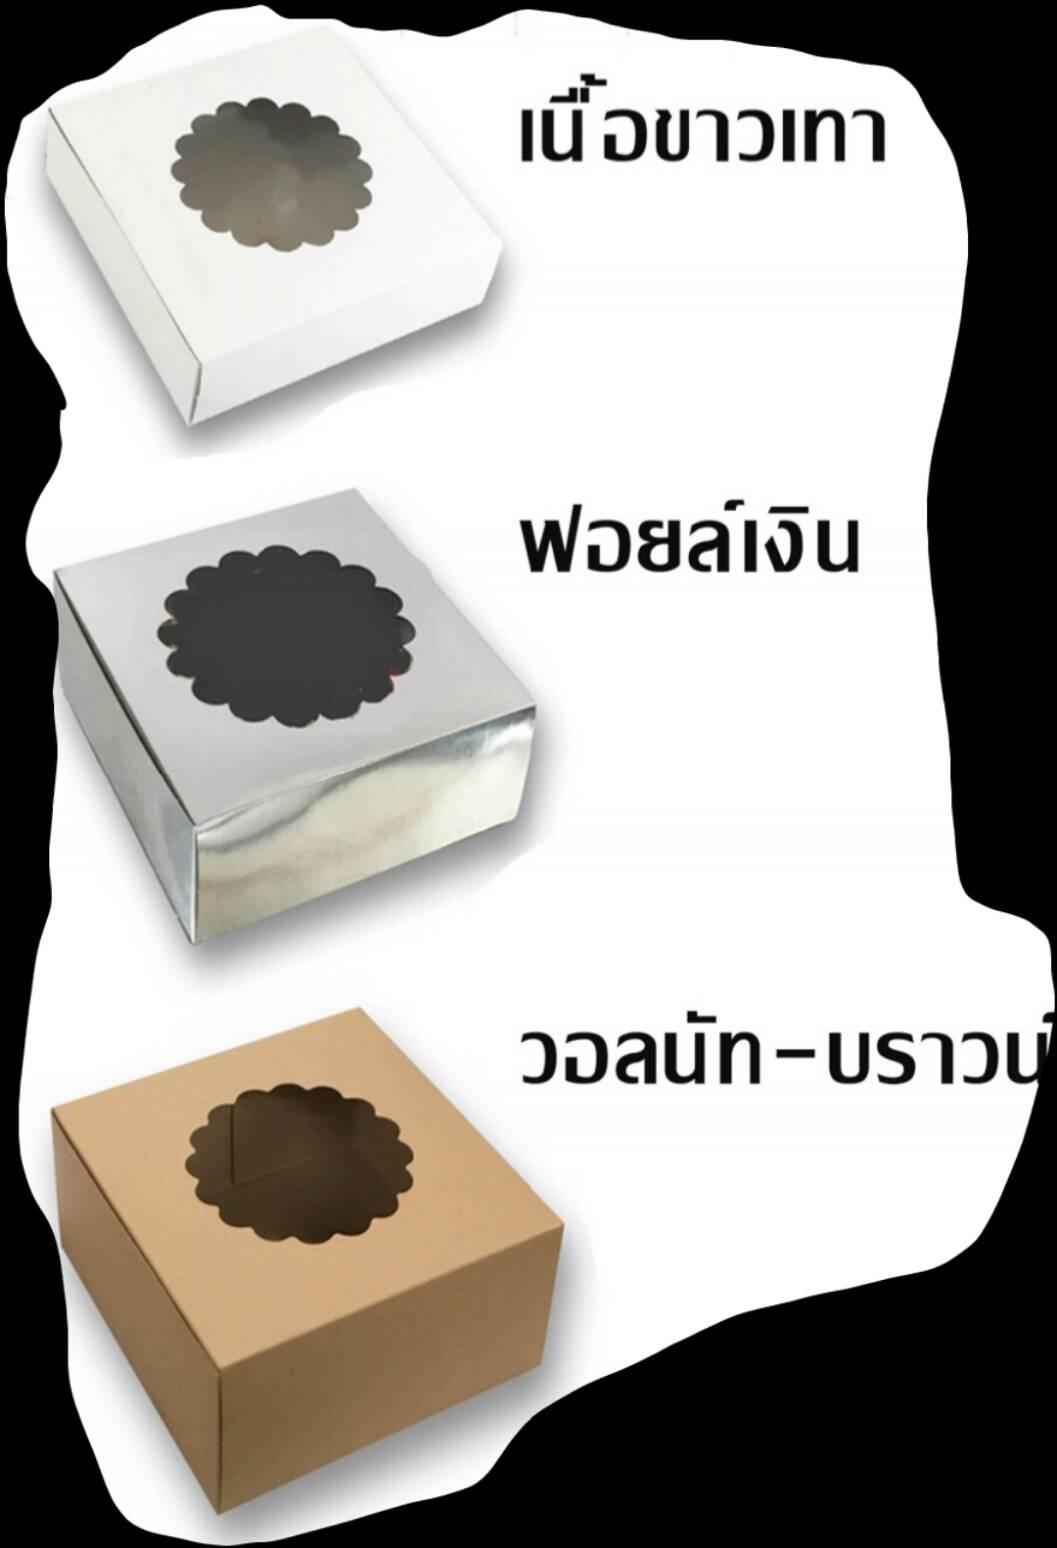 กล่องเค้ก 3 ปอนด์ แม็ค-ทองเจาะ